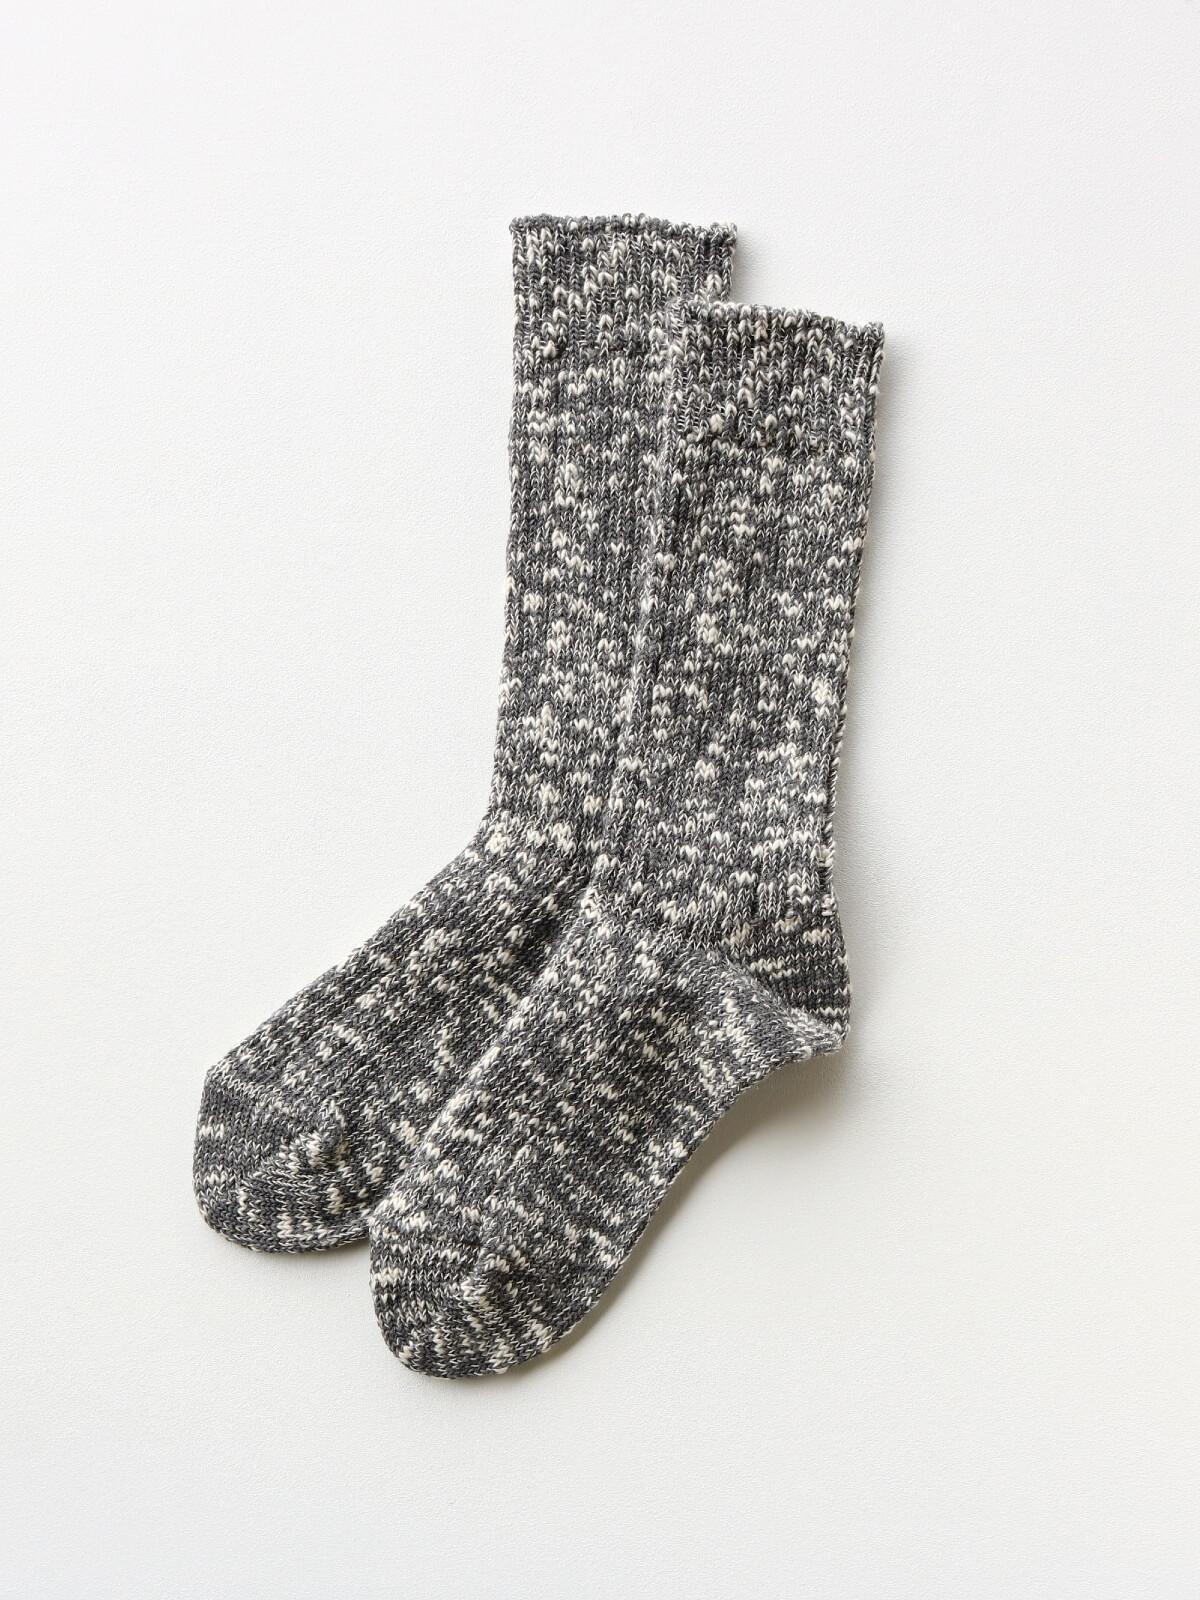 当たりつきギフト専用靴下のLUCKY SOCKS(ラッキーソックス)のMix Rib Socks(ミックスリブソックス)のダークグレー_2